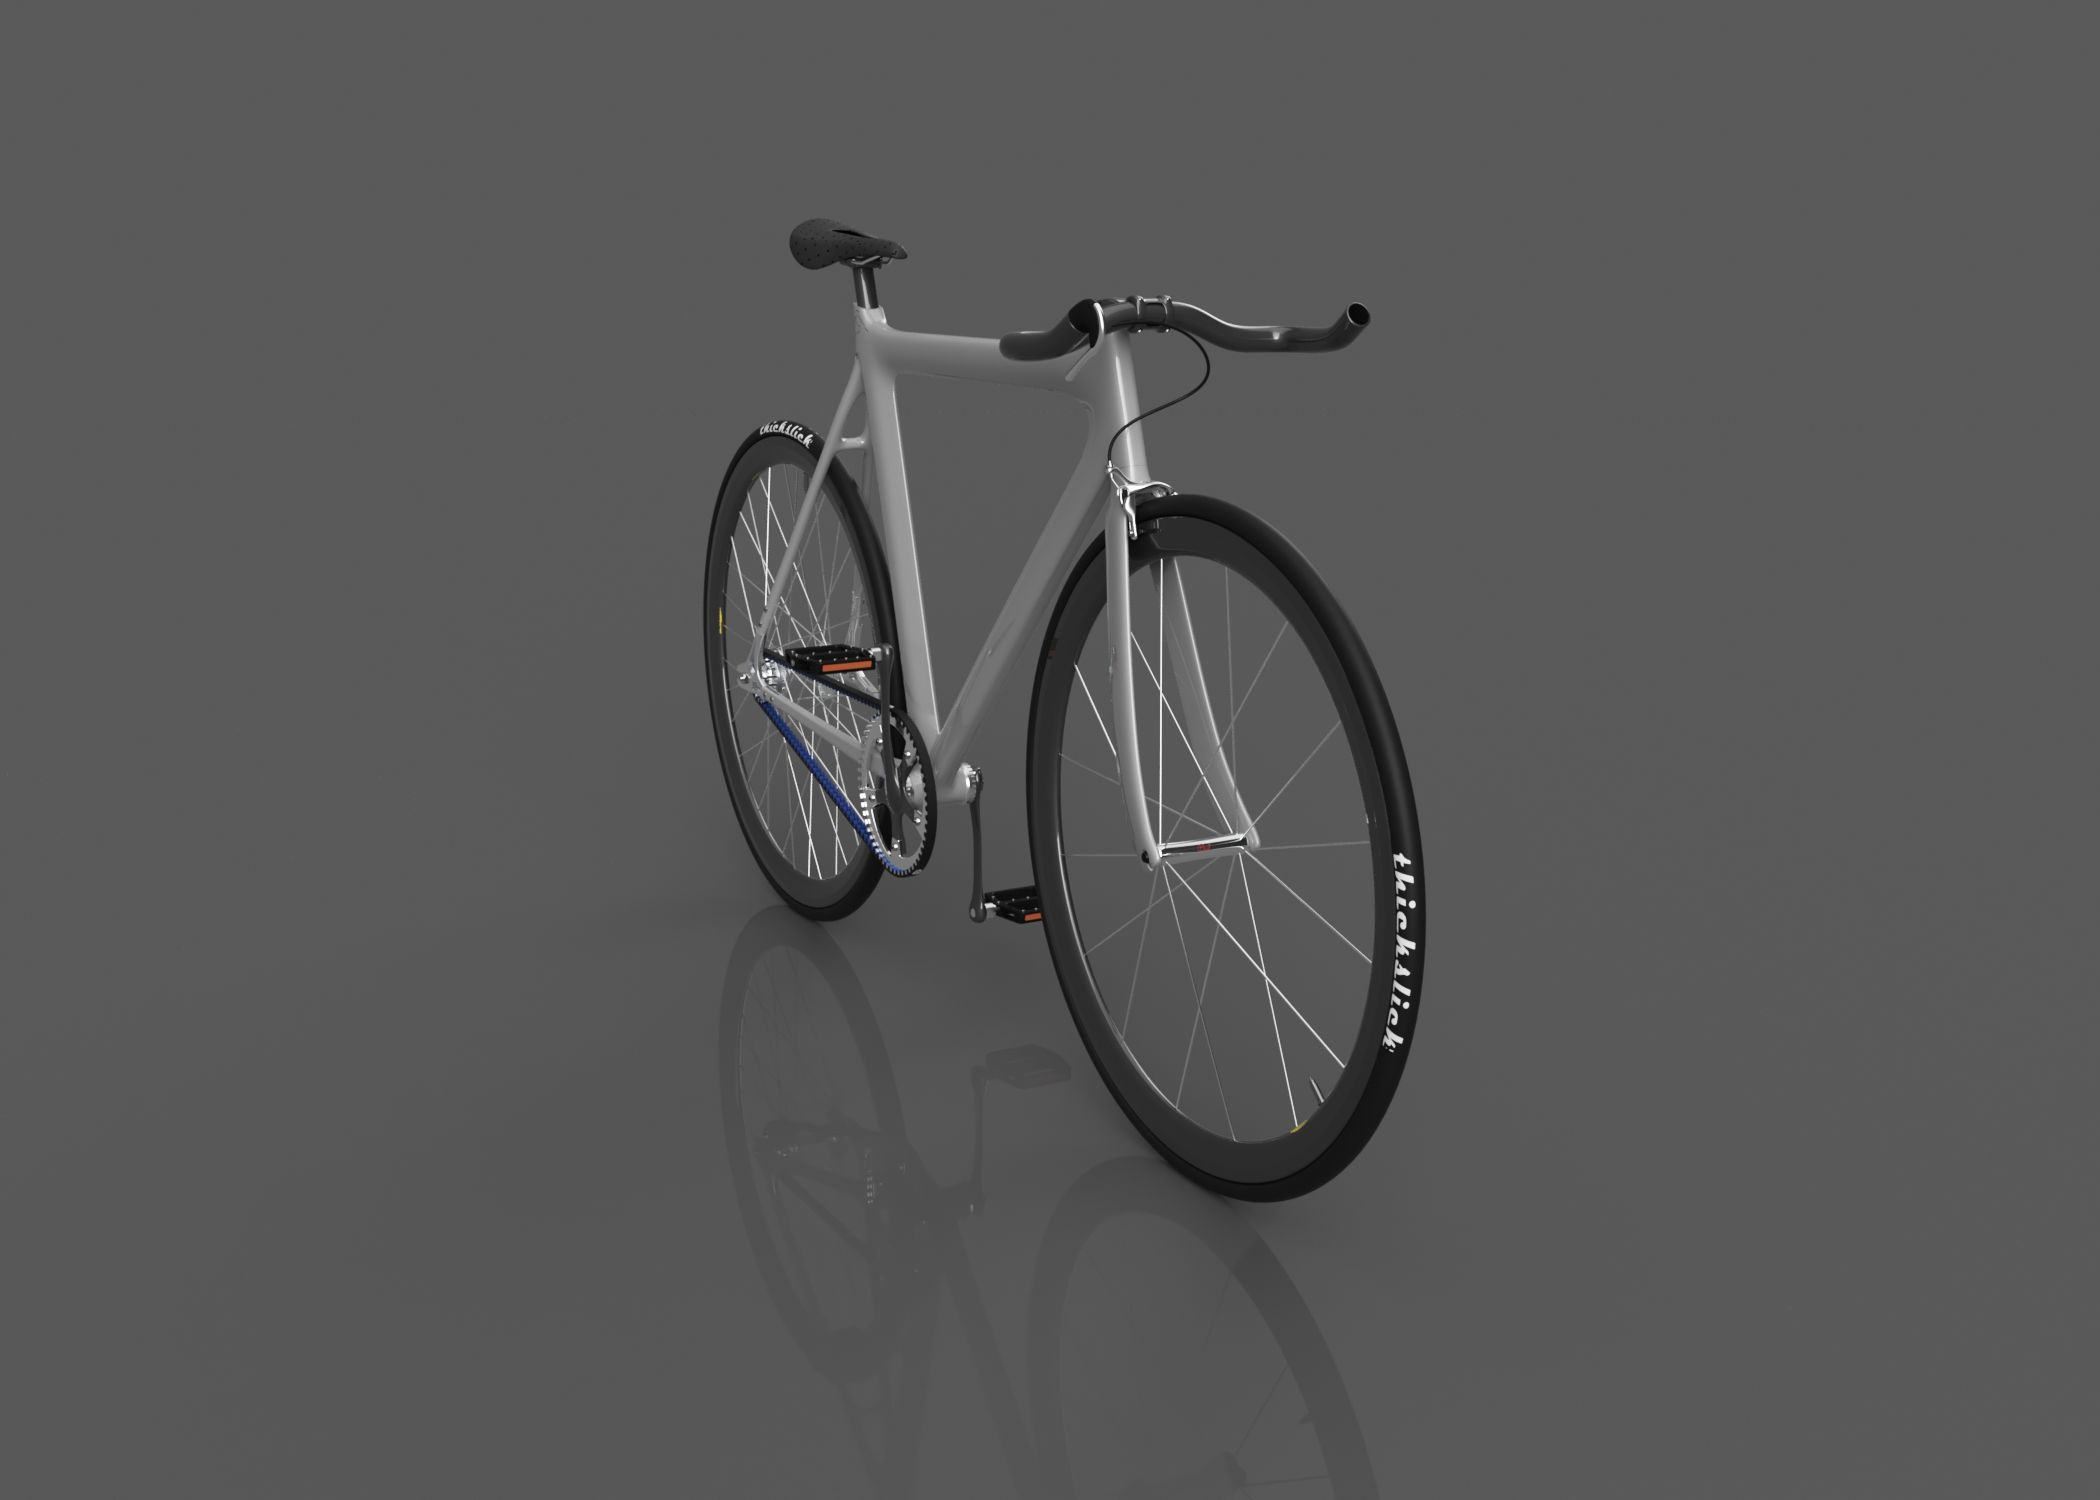 S3546729-craiggraham-bike2-3500-3500